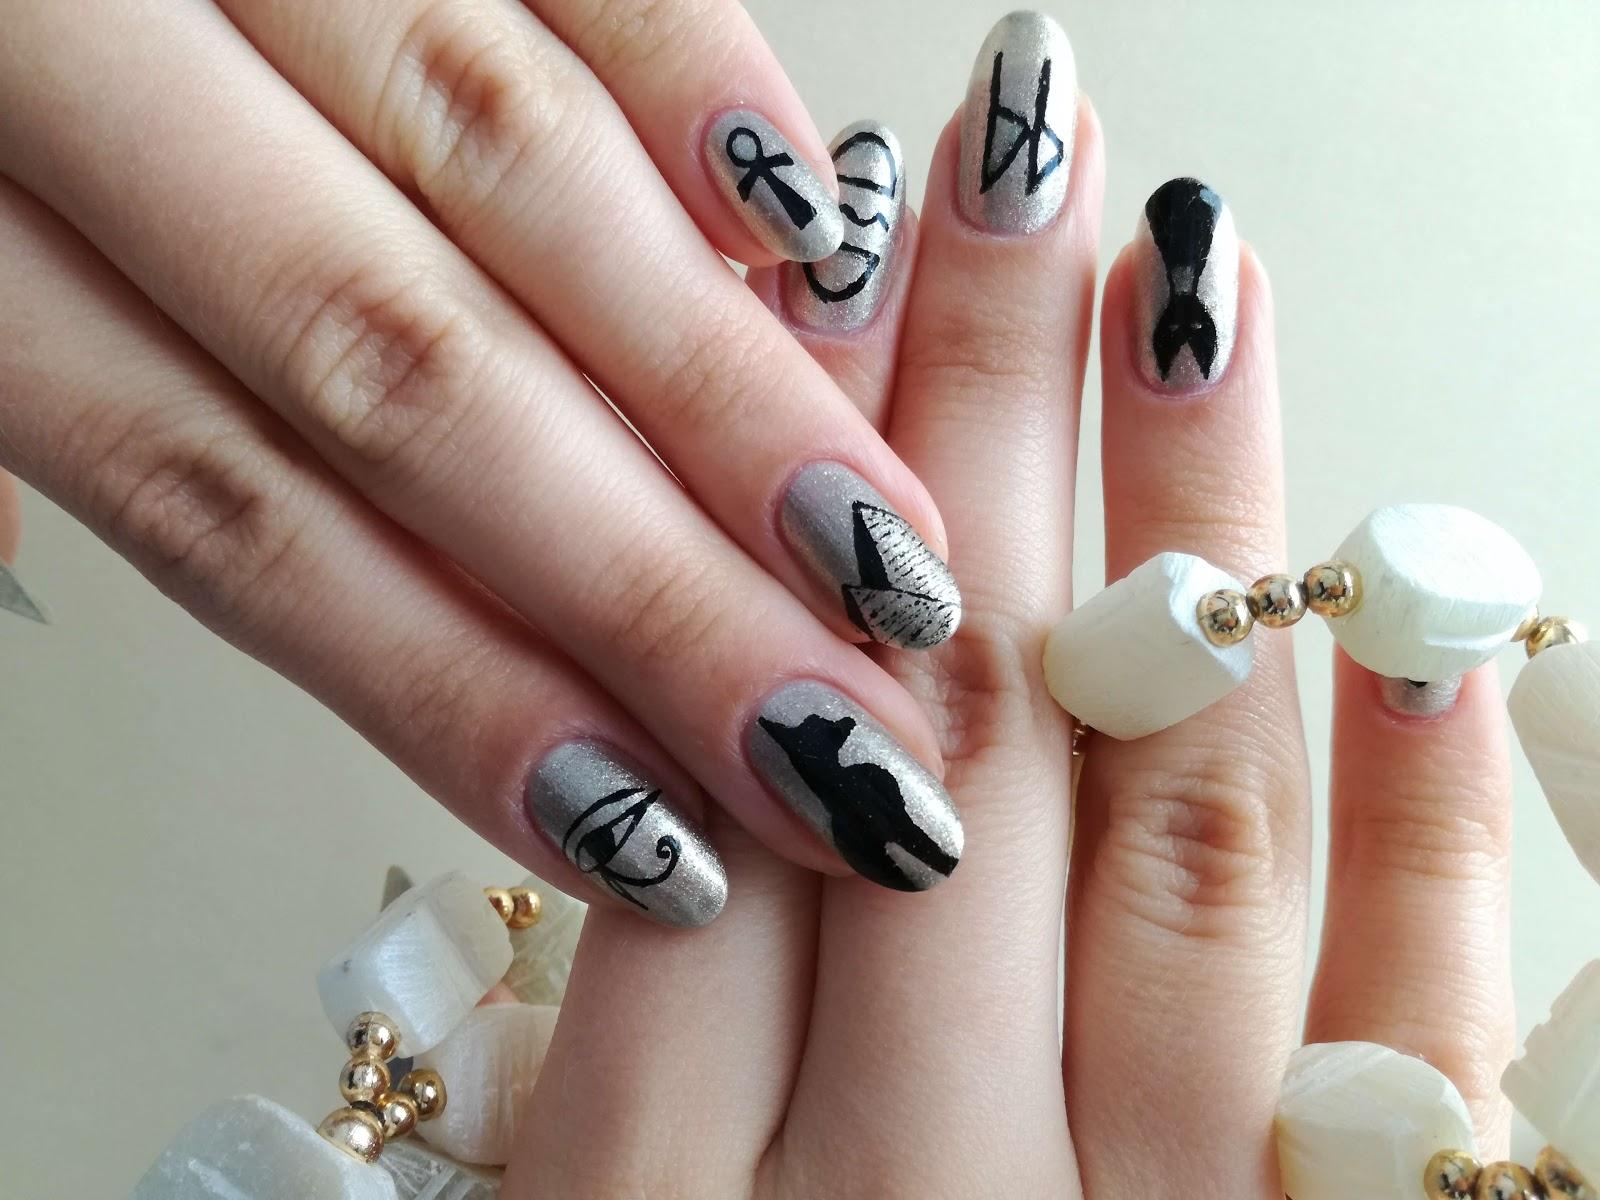 obie dłonie - egipskie paznokcie